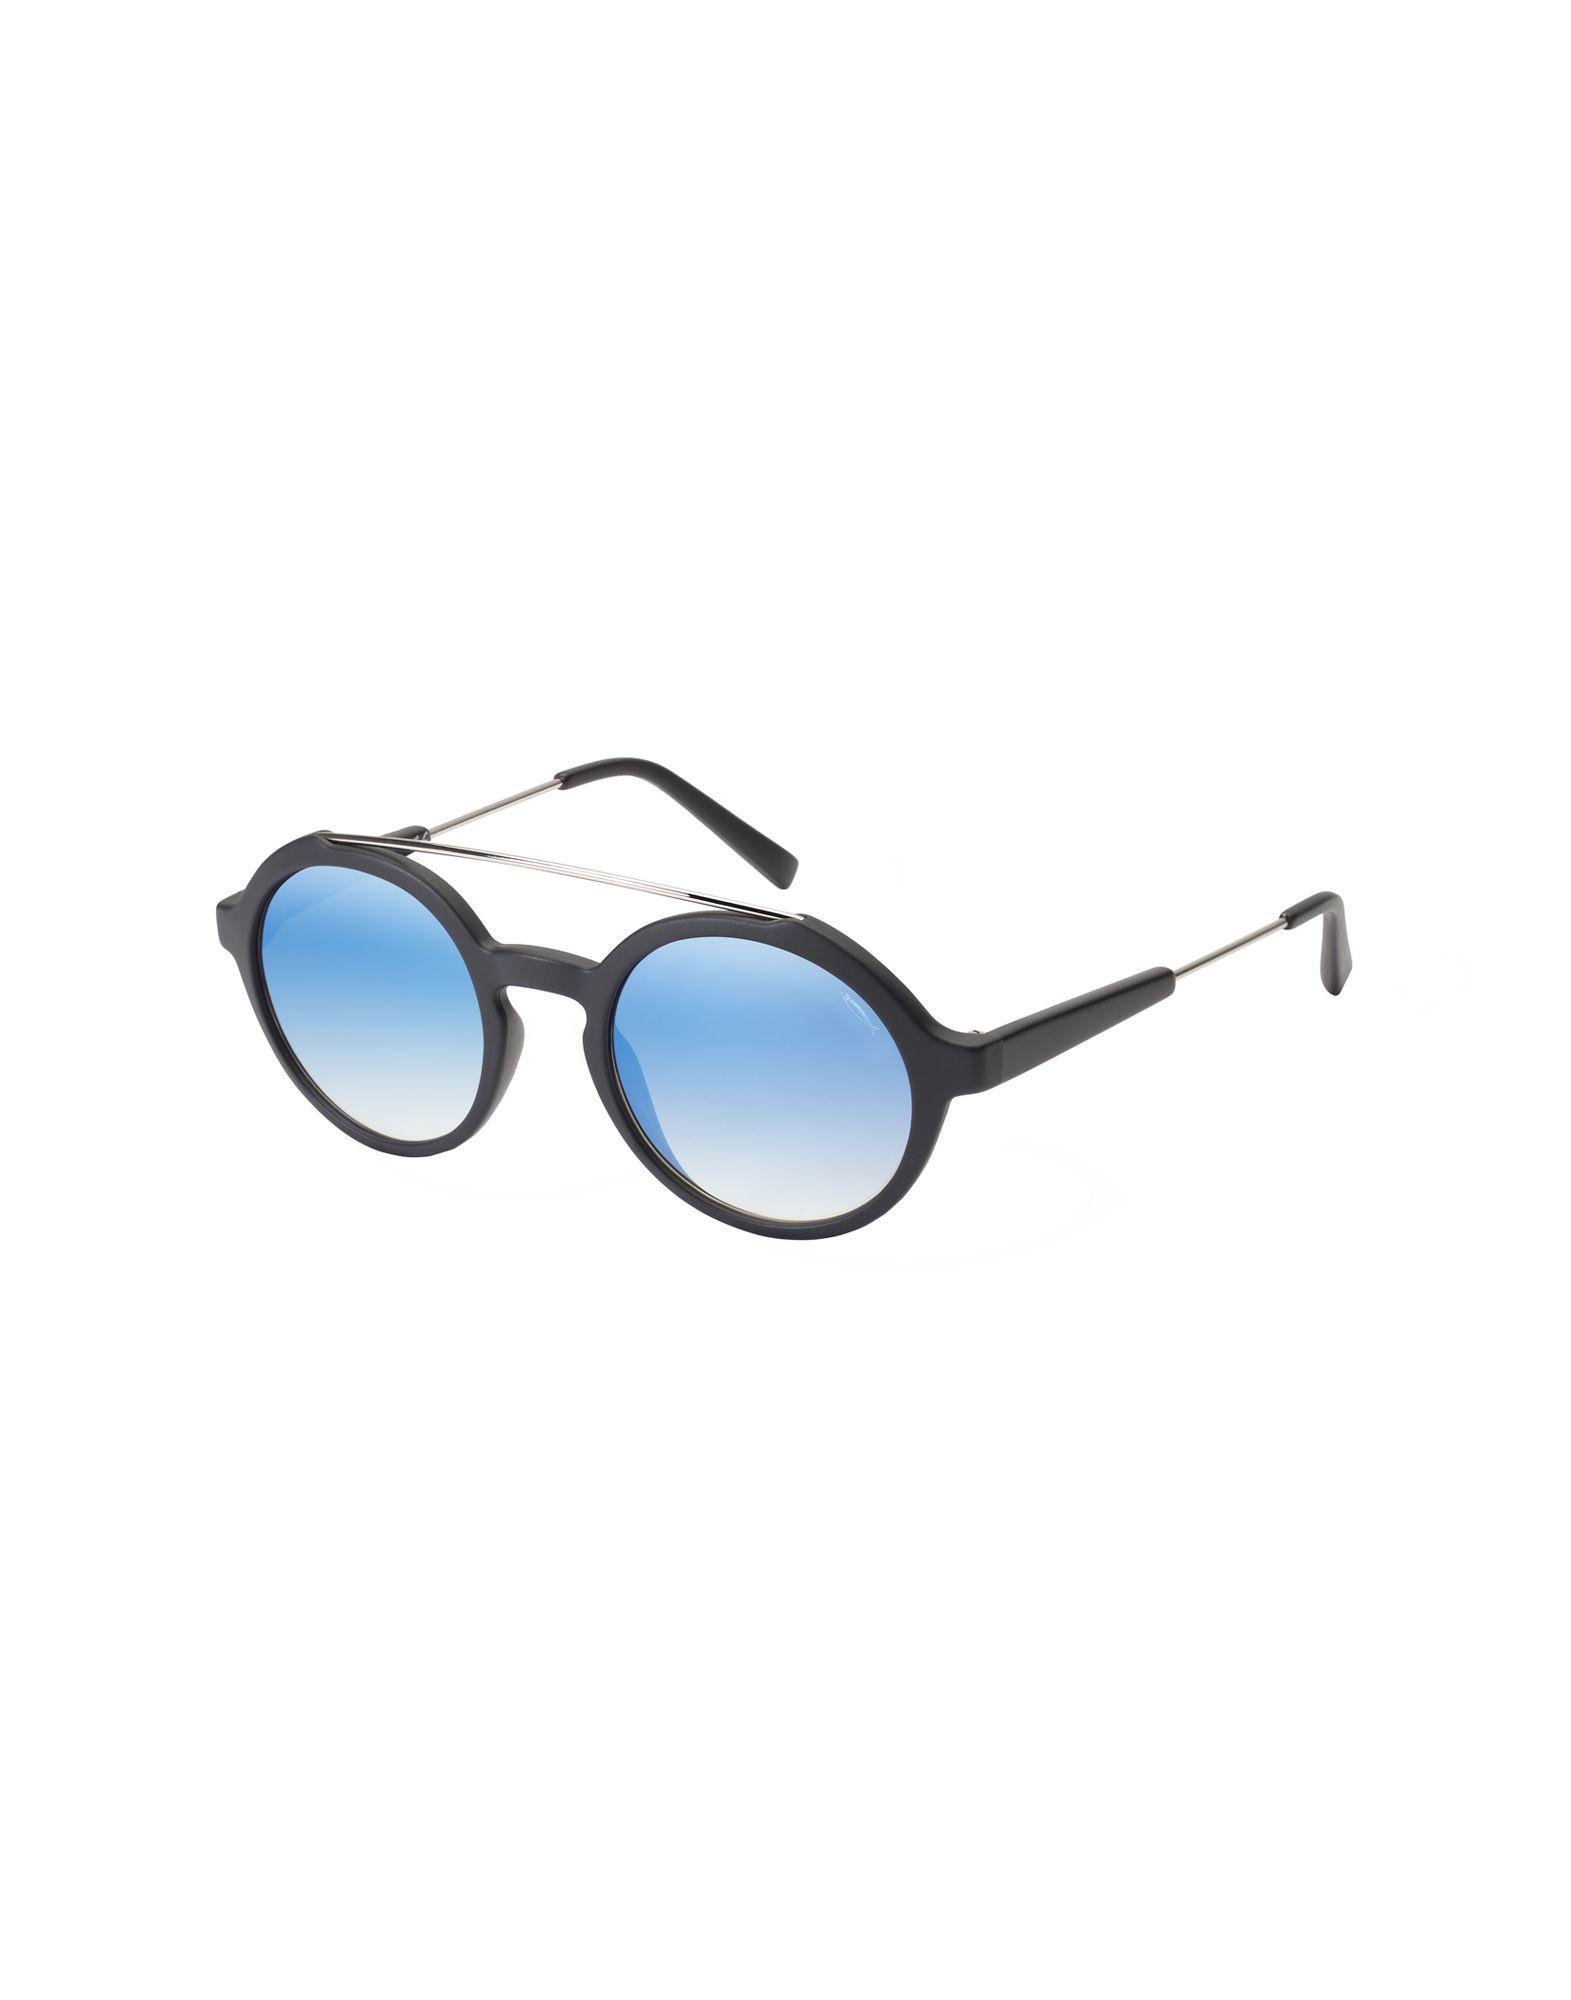 Occhiali Da Sole Saraghina Teo - Uomo - Acquista online su